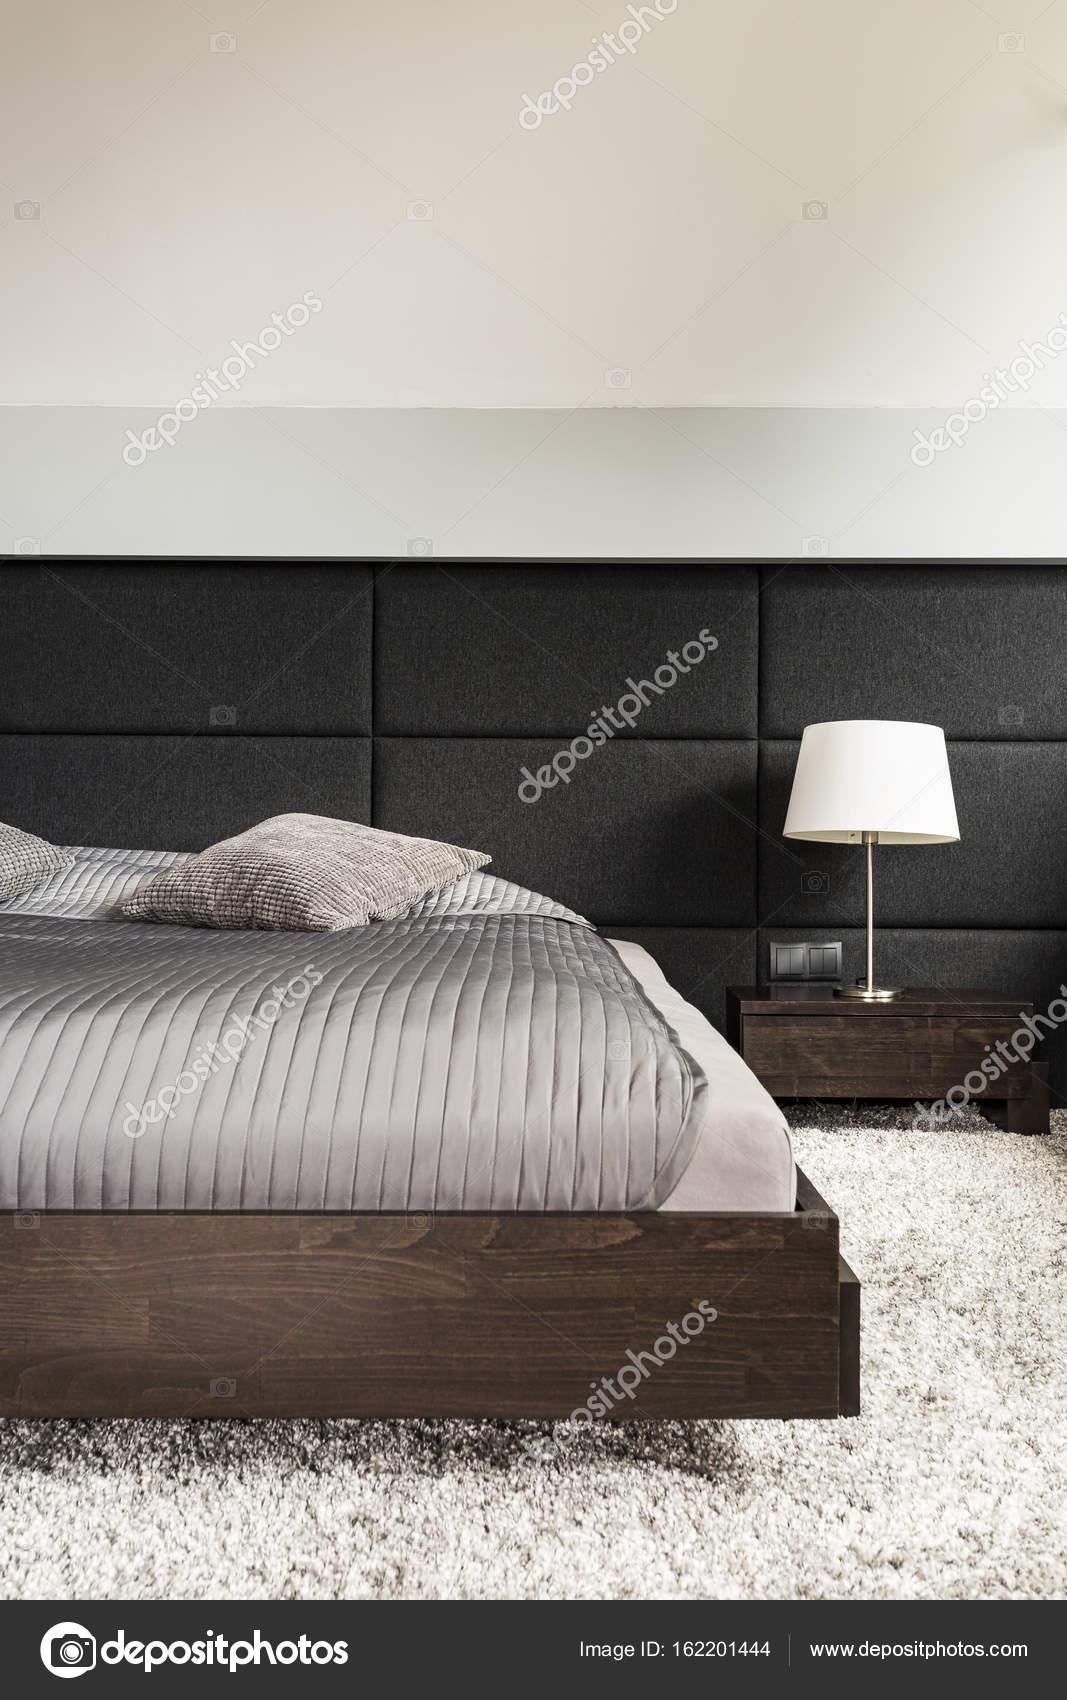 Przytulnej Sypialni Jasny Puszysty Dywan Zdjęcie Stockowe